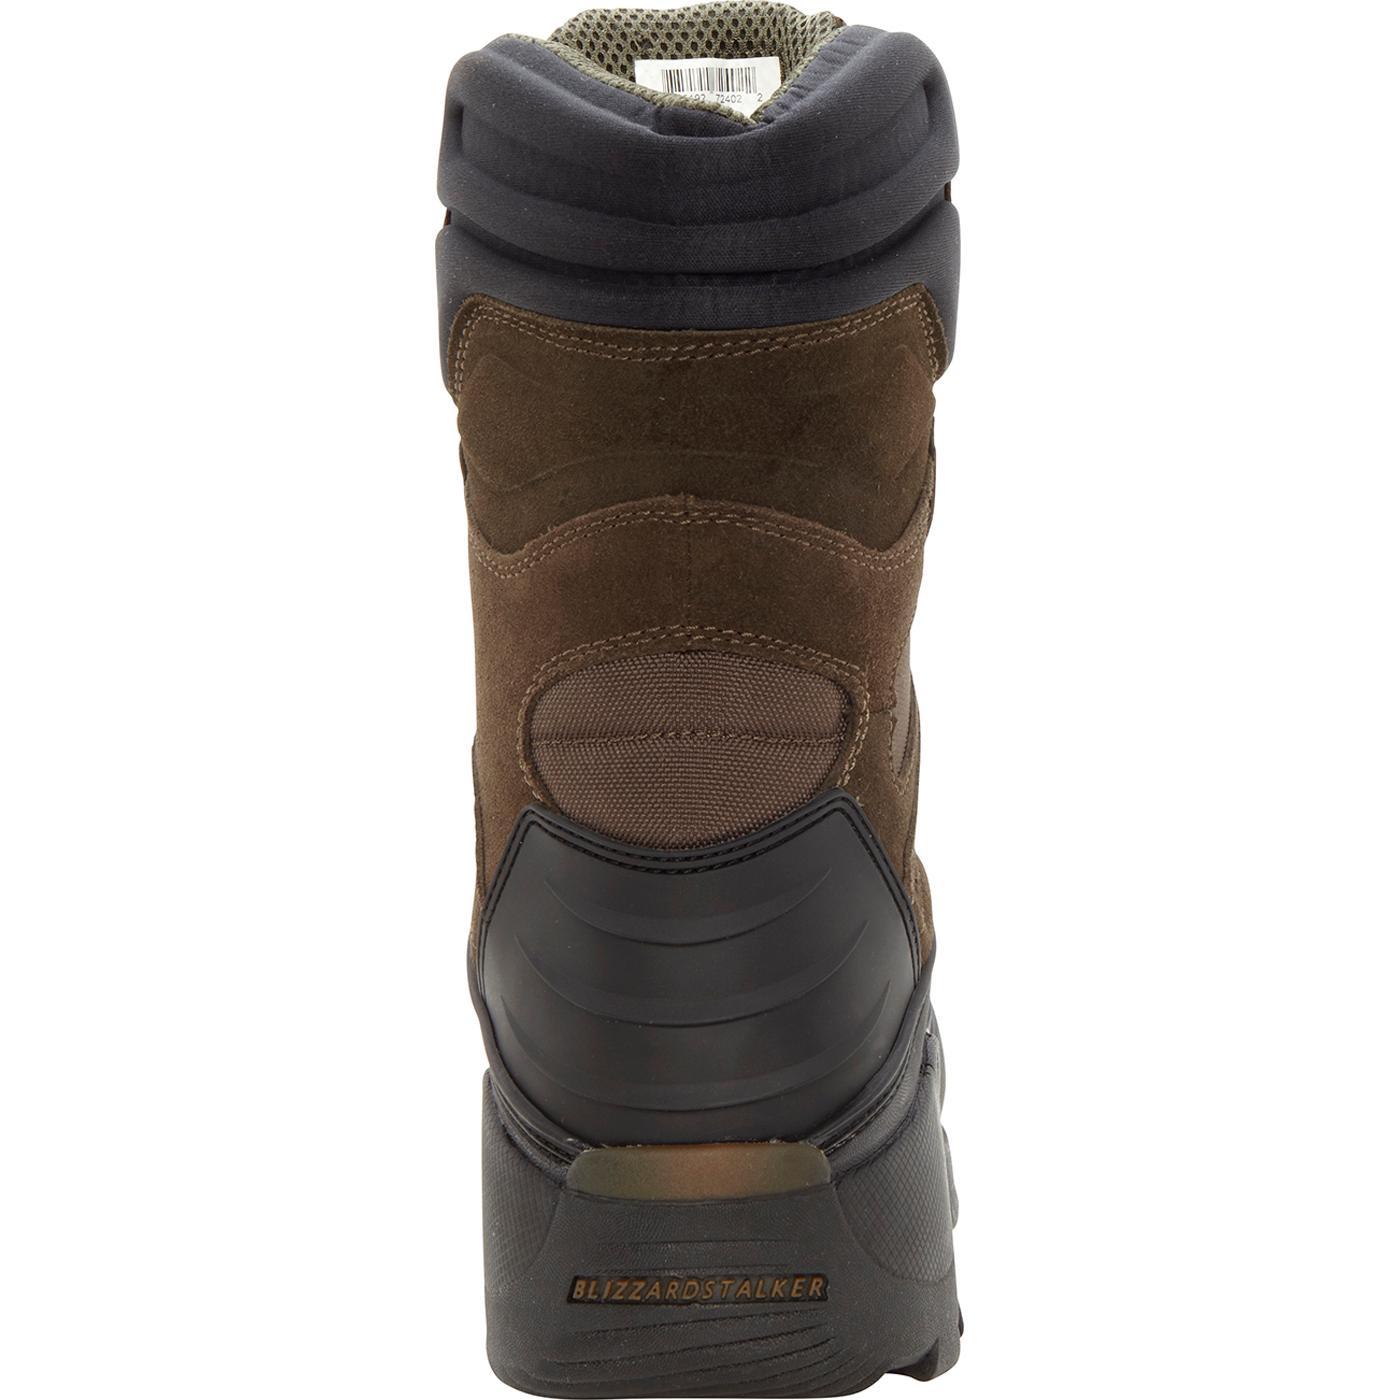 rocky blizzardstalker s steel toe waterproof insulated